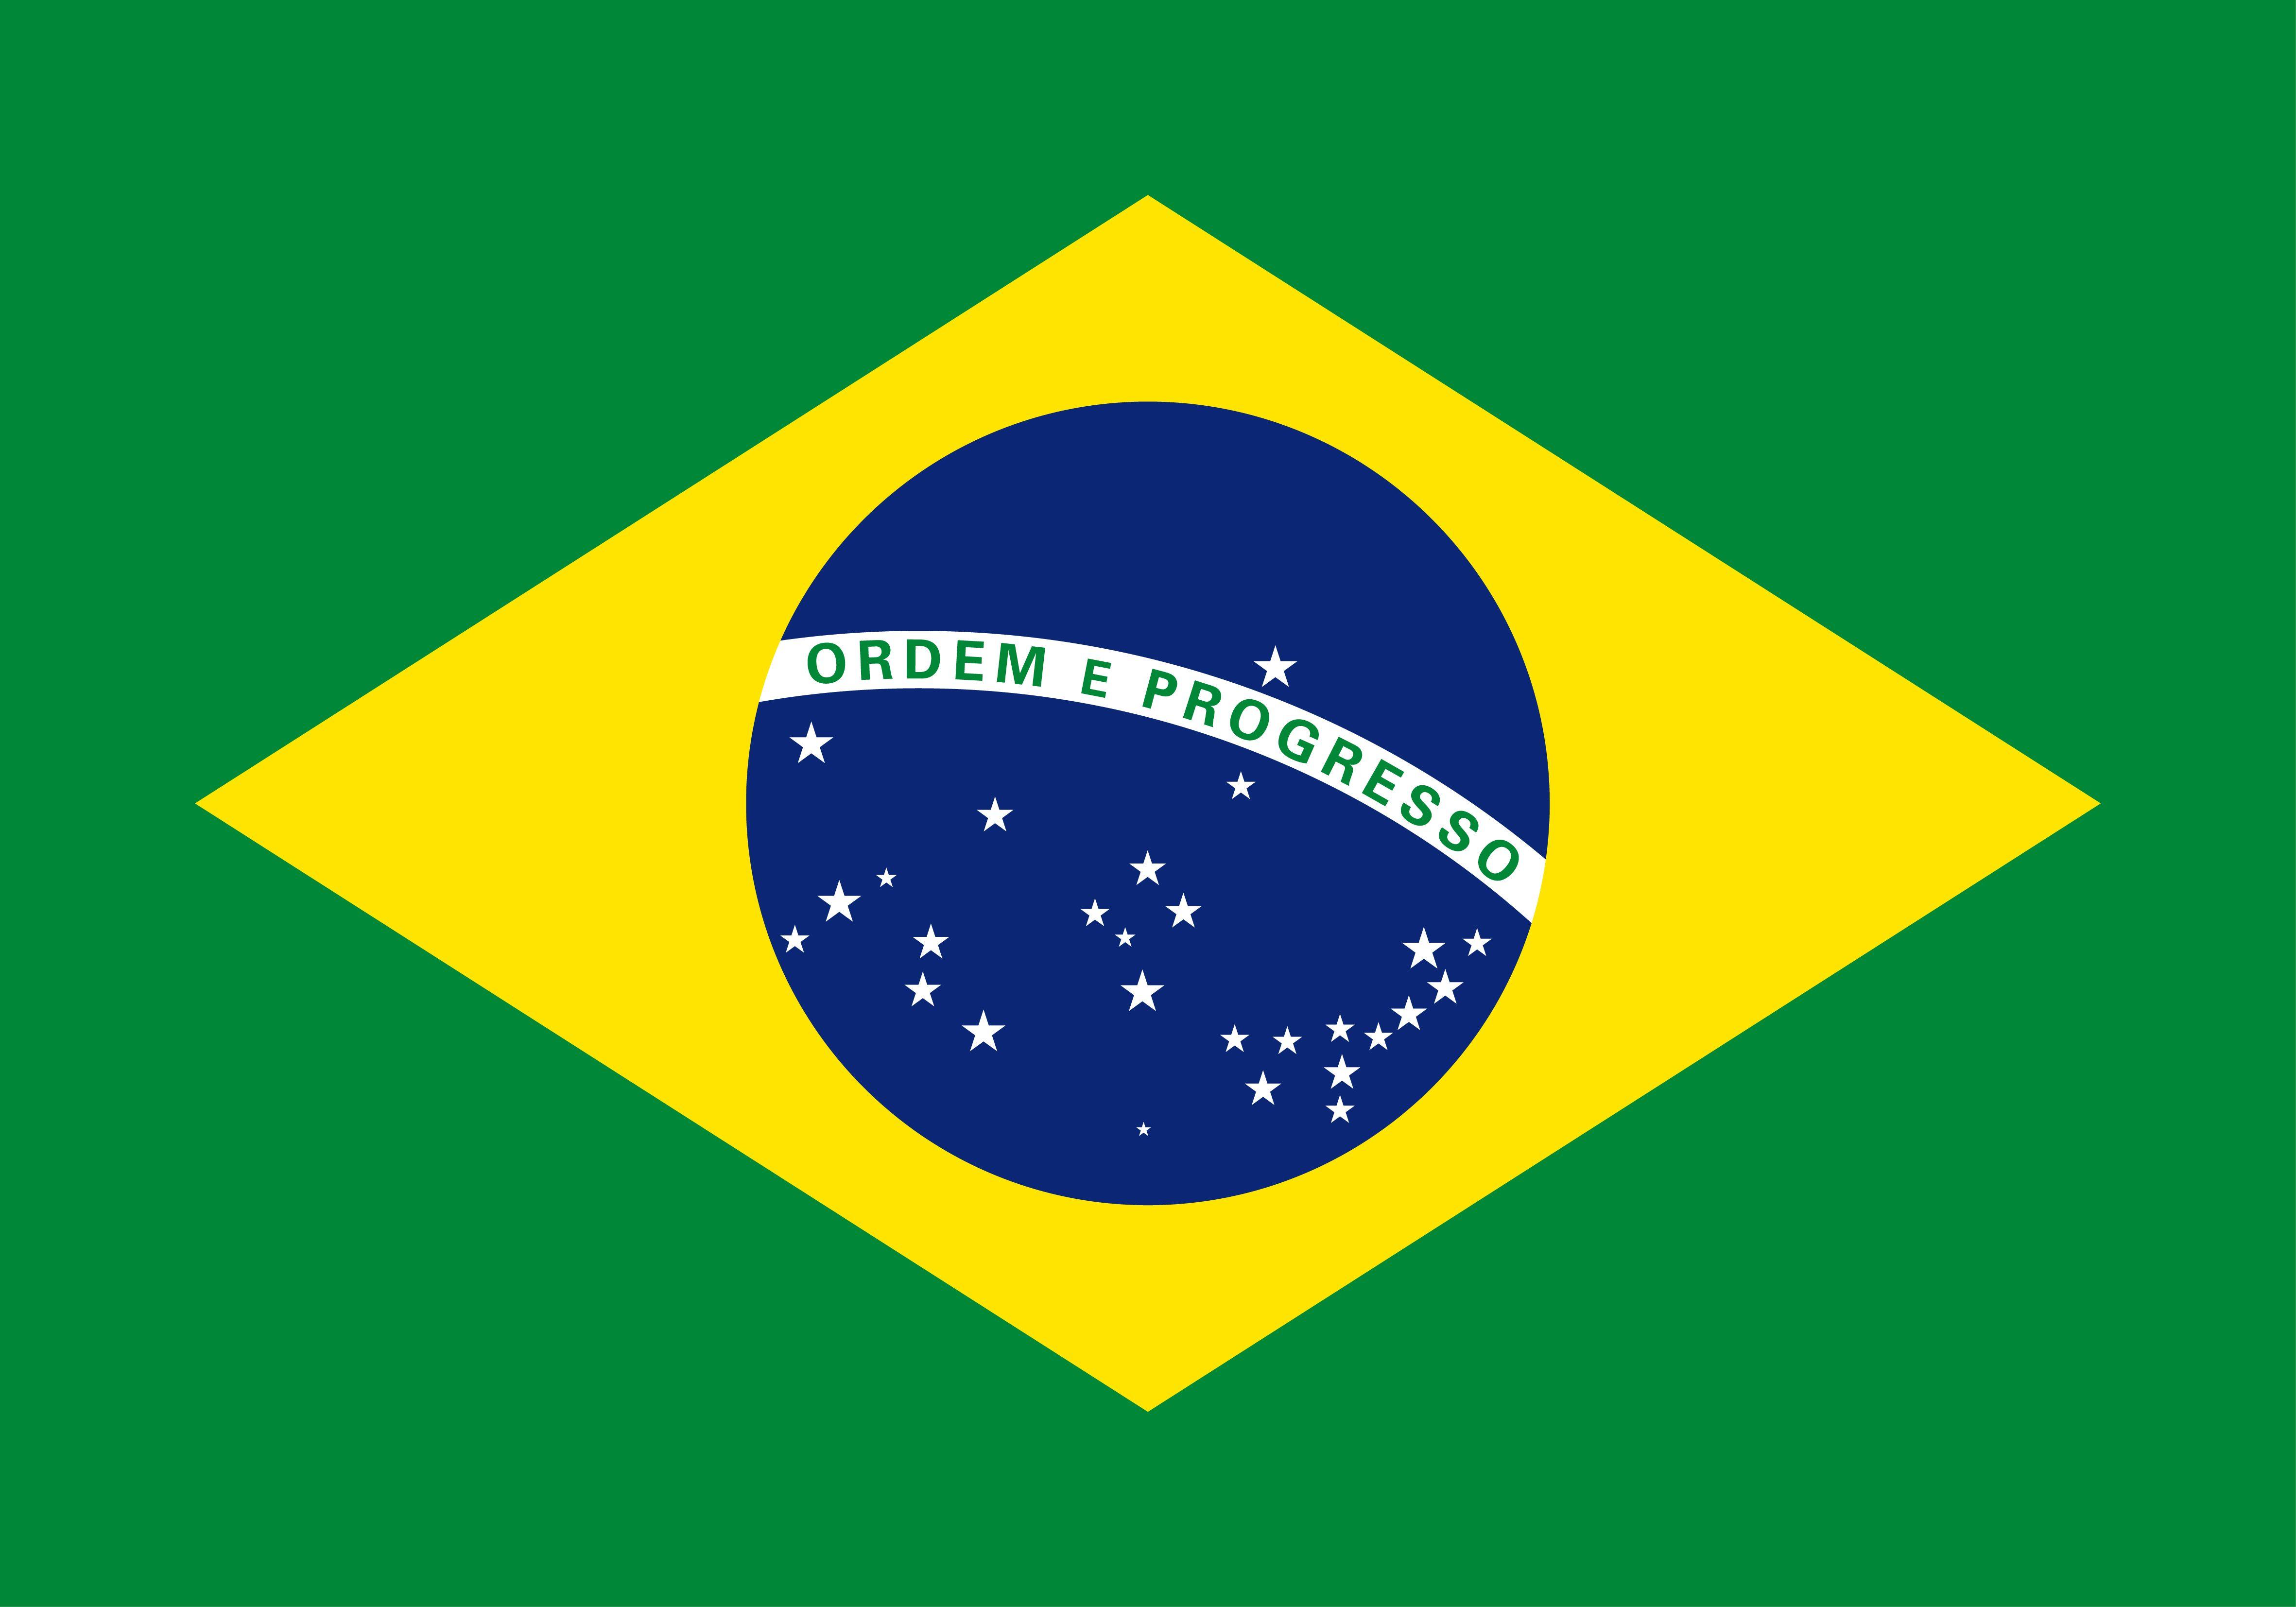 A Bandeira Do Brasil Foi Instituida A 19 De Novembro De 1889 Ou Seja 4 Dias Depois Da Proclamacao Bandeira Do Brasil Bandeira Nacional Bandeira Do Brasil Png